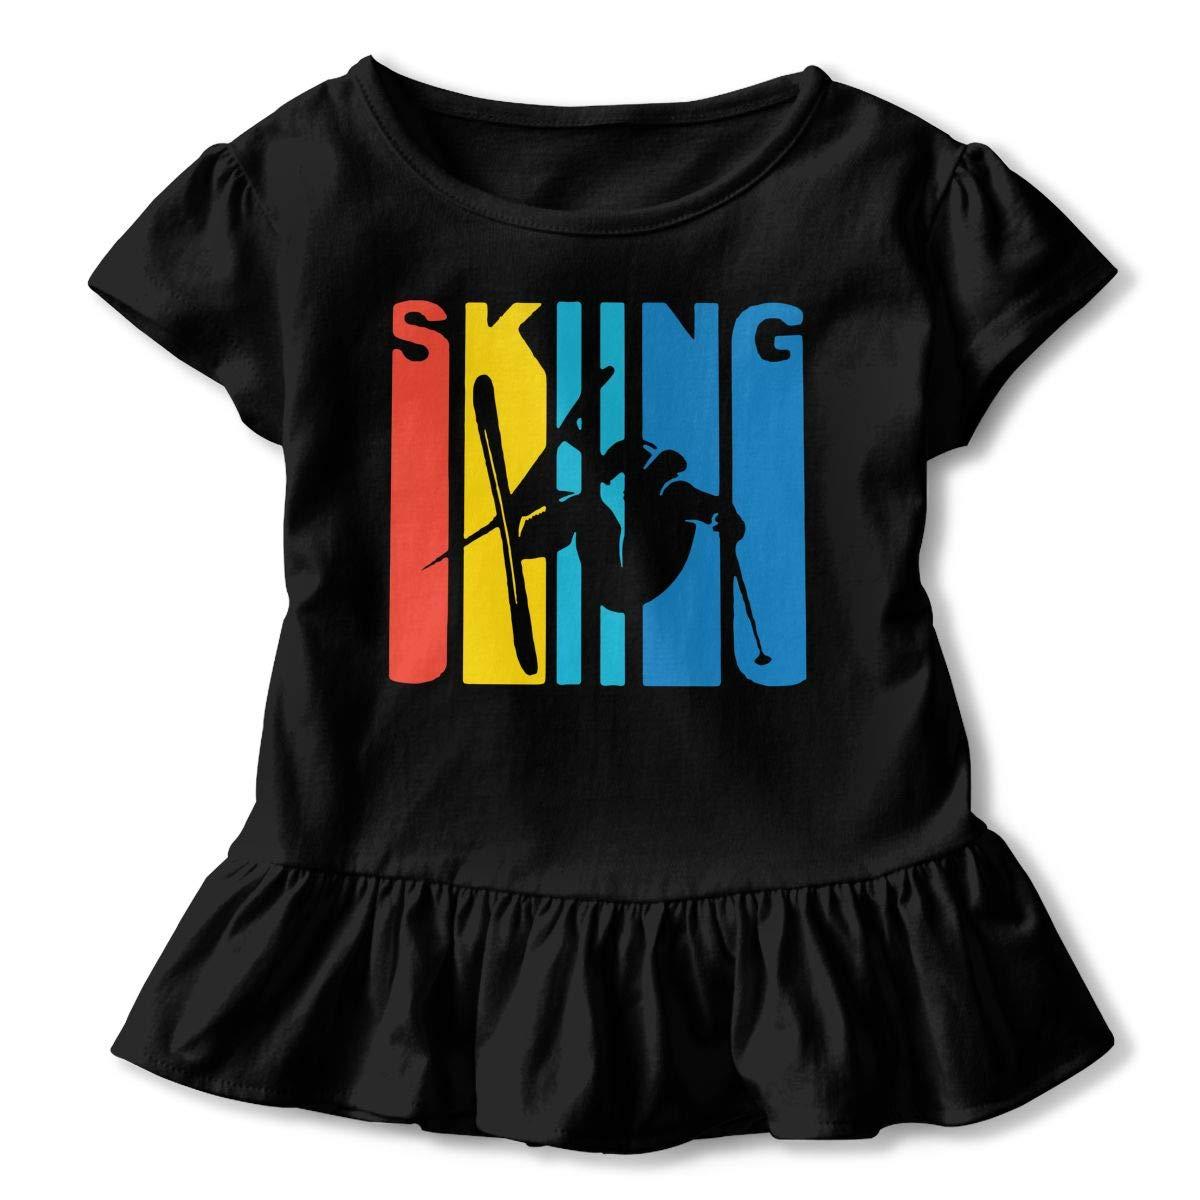 SHIRT1-KIDS Retro Skiing Childrens Girls Short Sleeve Ruffles Shirt Tee Jersey for 2-6 Toddlers